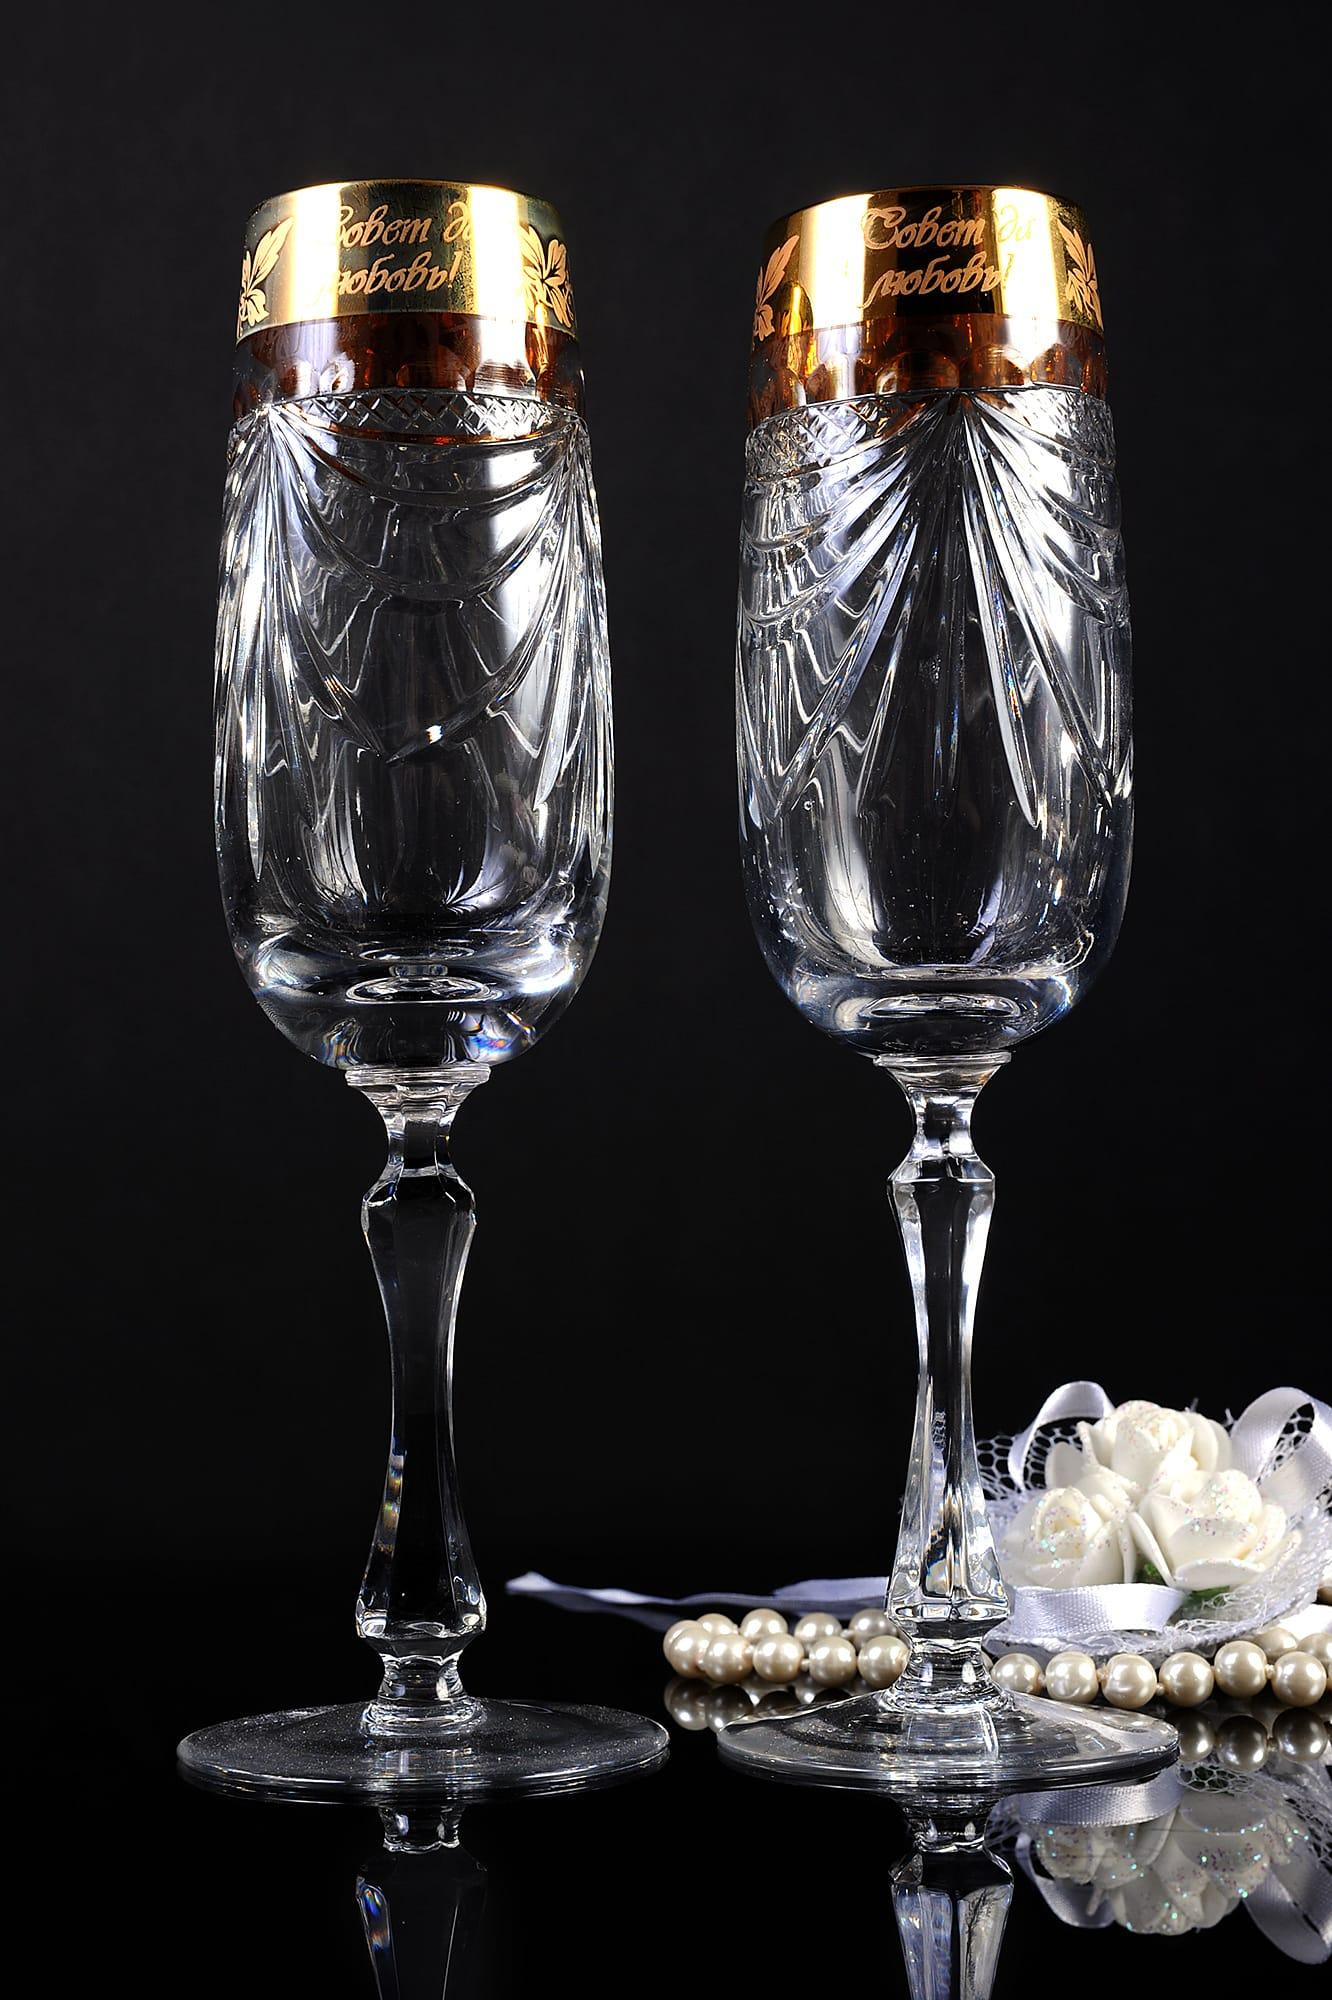 Хрустальные свадебные фужеры с золотистой отделкой по верхнему краю чаши.